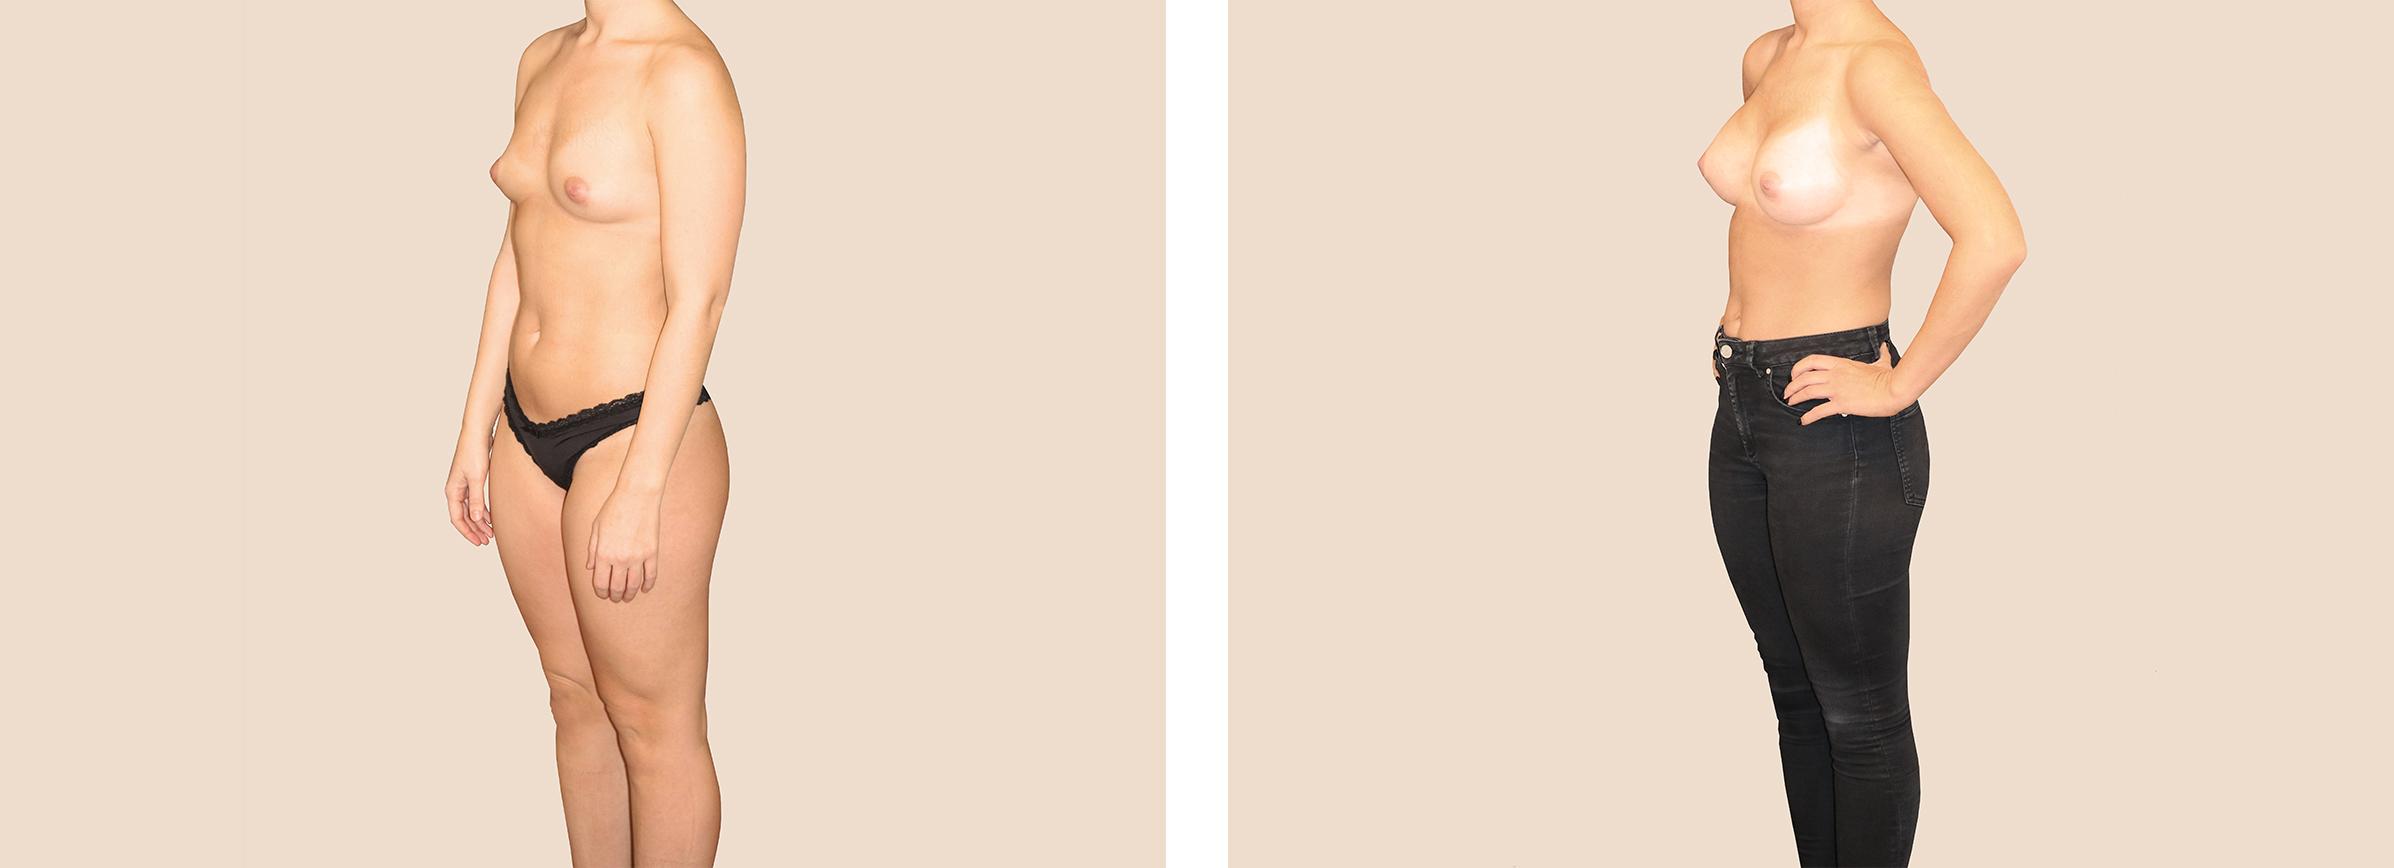 bröstimplantat före och efter